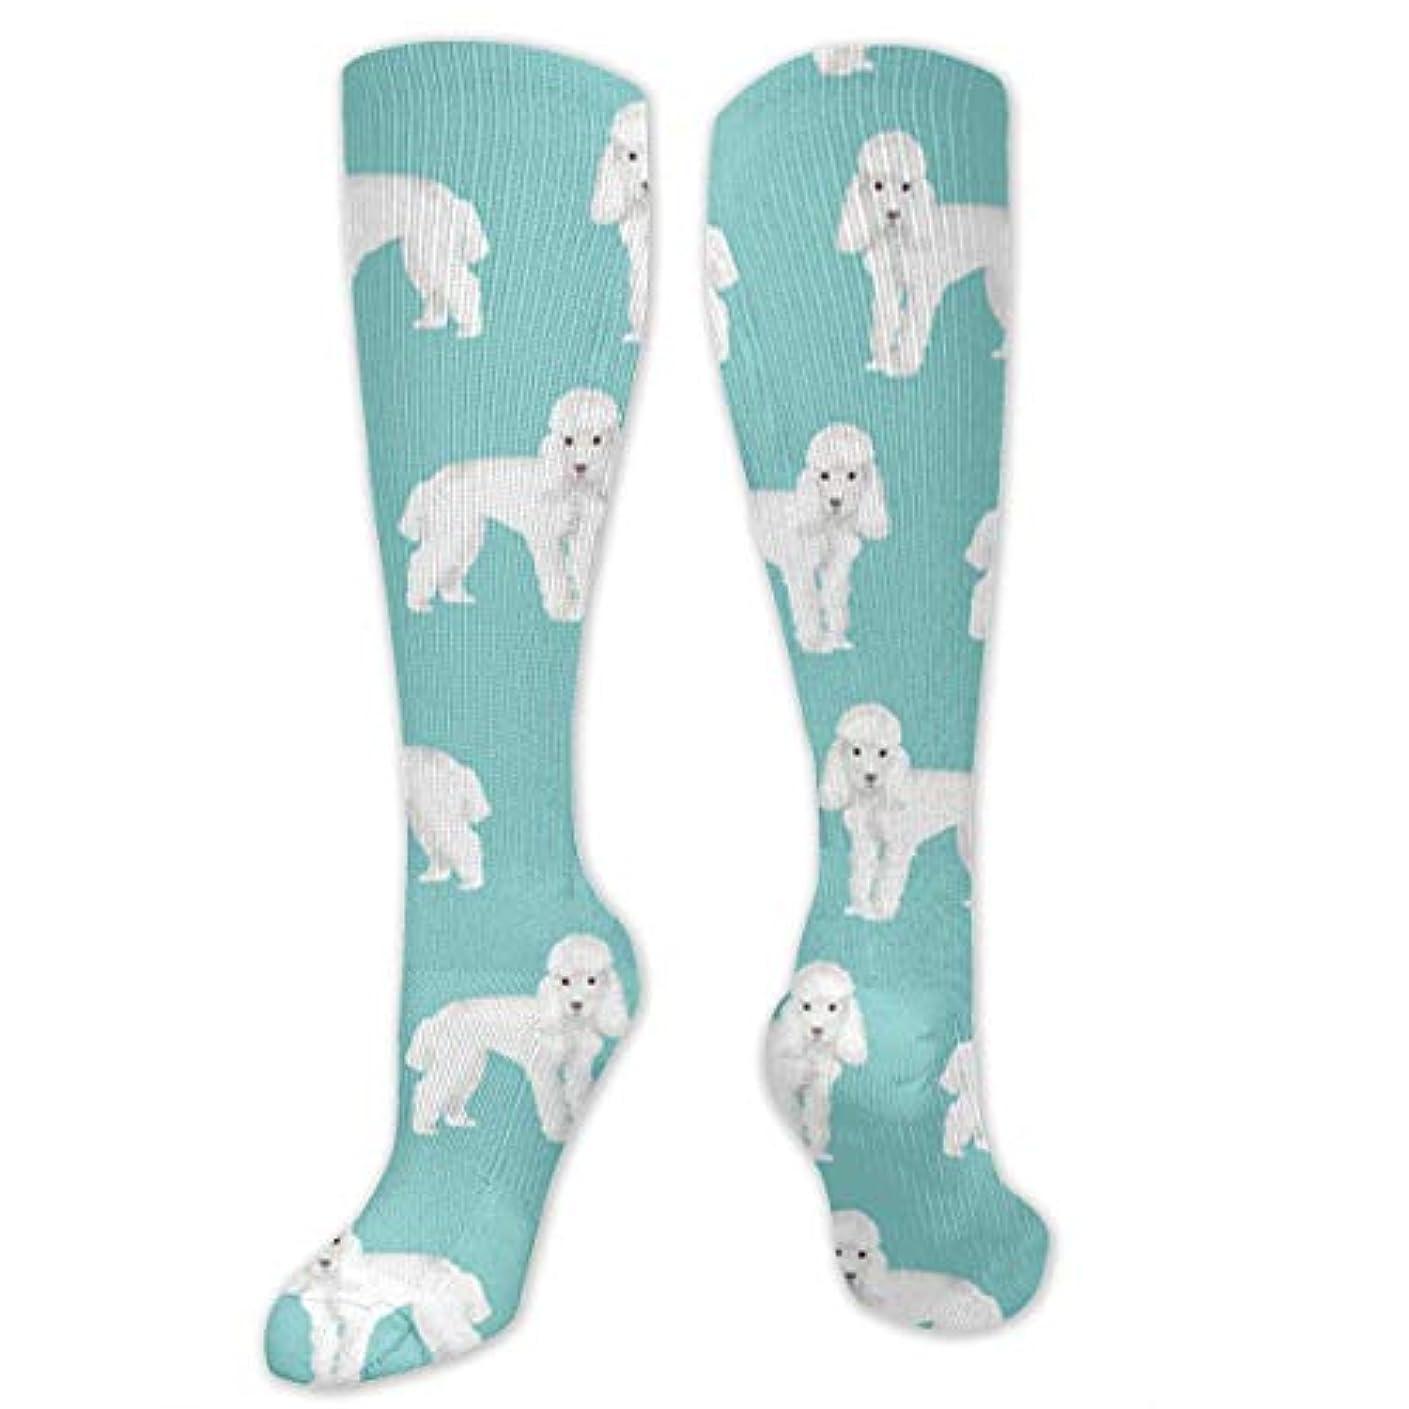 誠実息苦しい育成靴下,ストッキング,野生のジョーカー,実際,秋の本質,冬必須,サマーウェア&RBXAA Poodle Puppy Socks Women's Winter Cotton Long Tube Socks Cotton Solid...